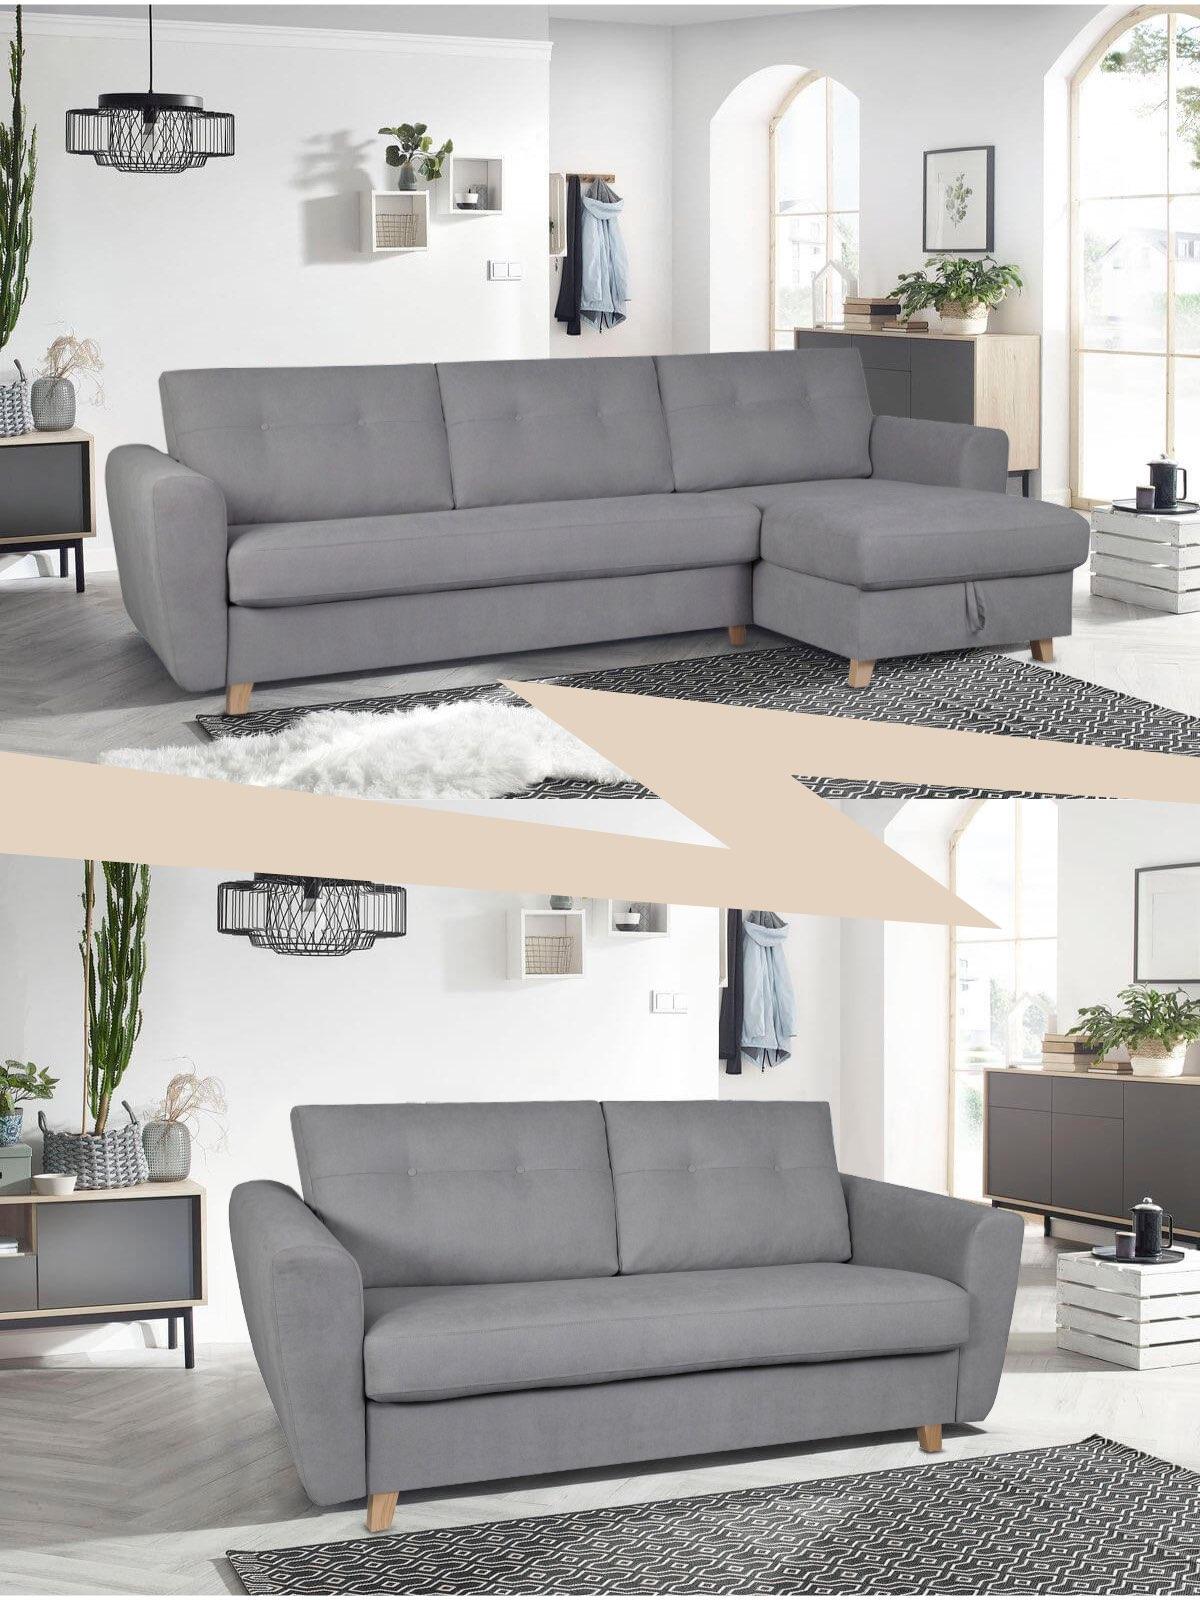 comparatif canapé angle vs canapé droit salon gris